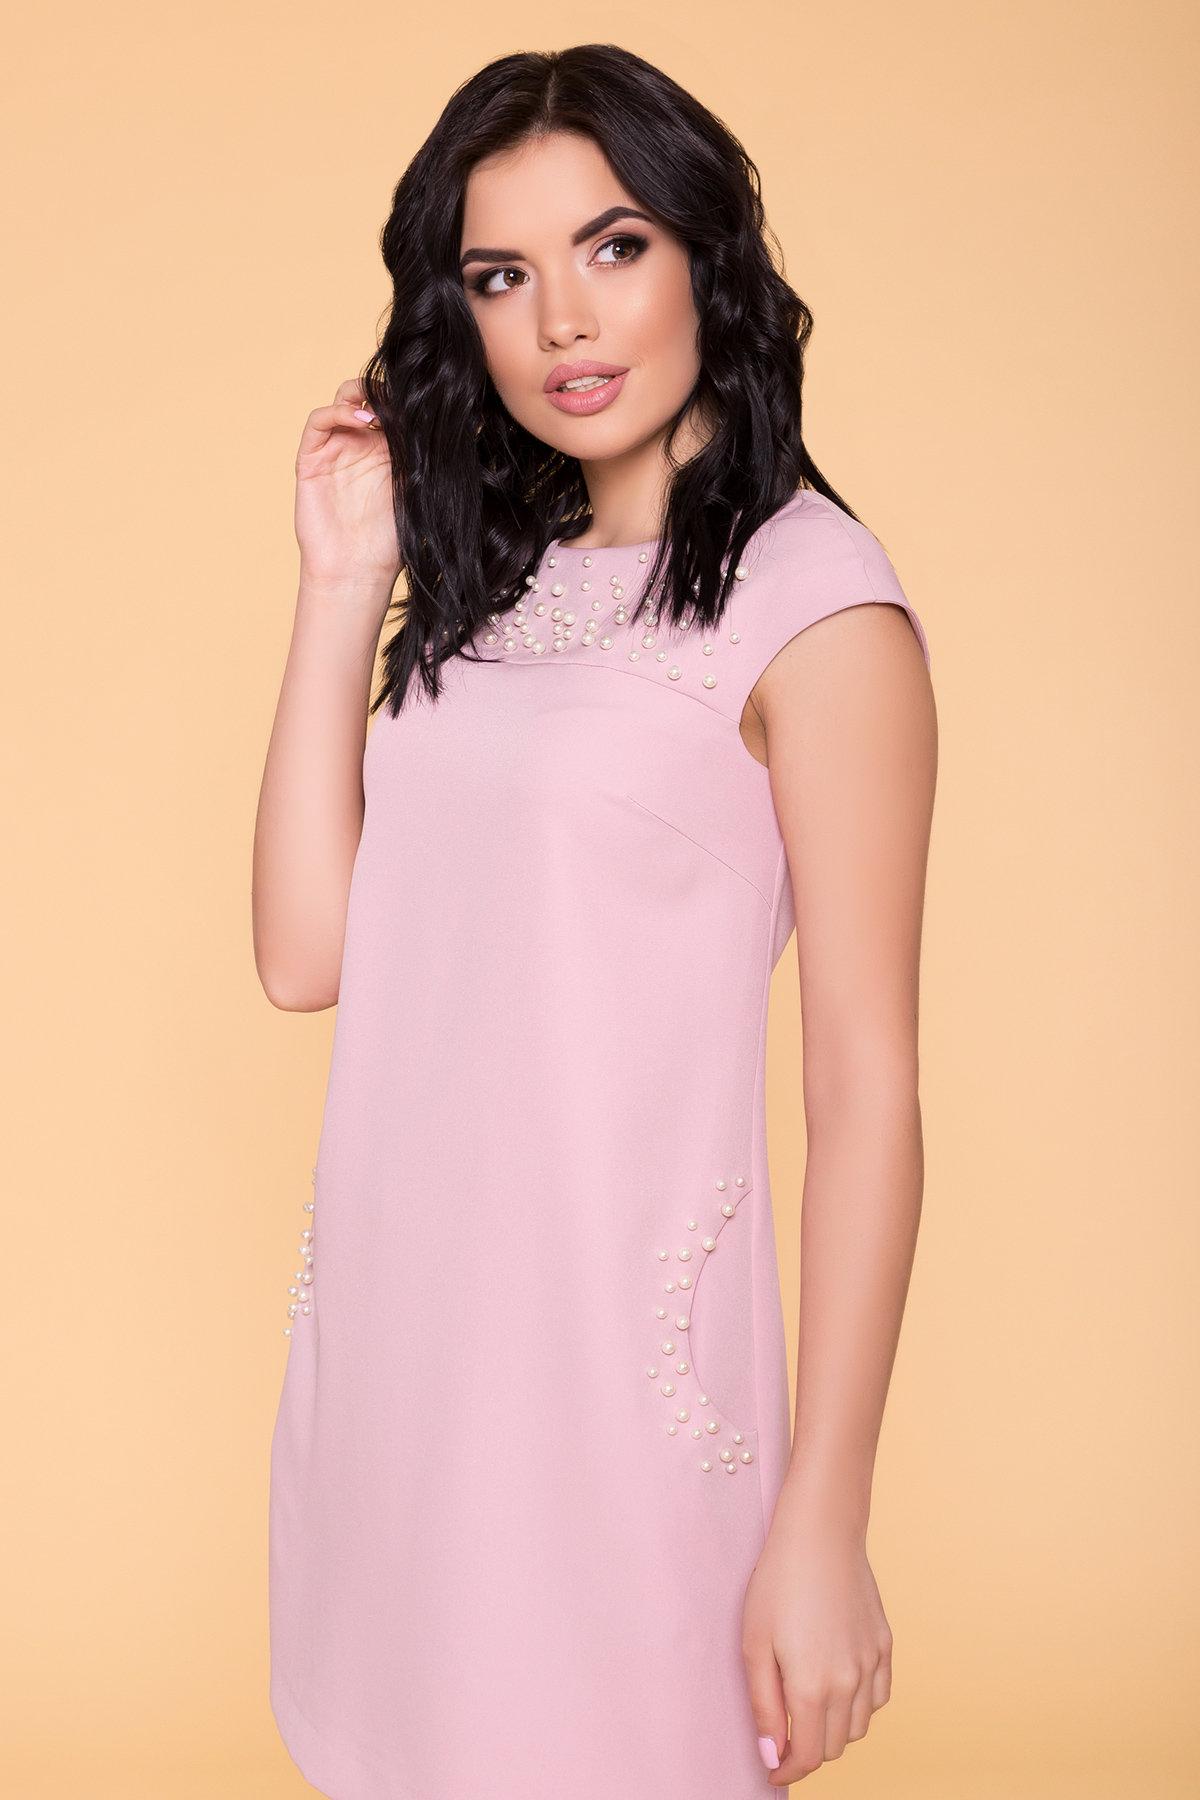 Платье с коротким рукавом Мими 4886 АРТ. 41712 Цвет: Пудра 138 - фото 3, интернет магазин tm-modus.ru